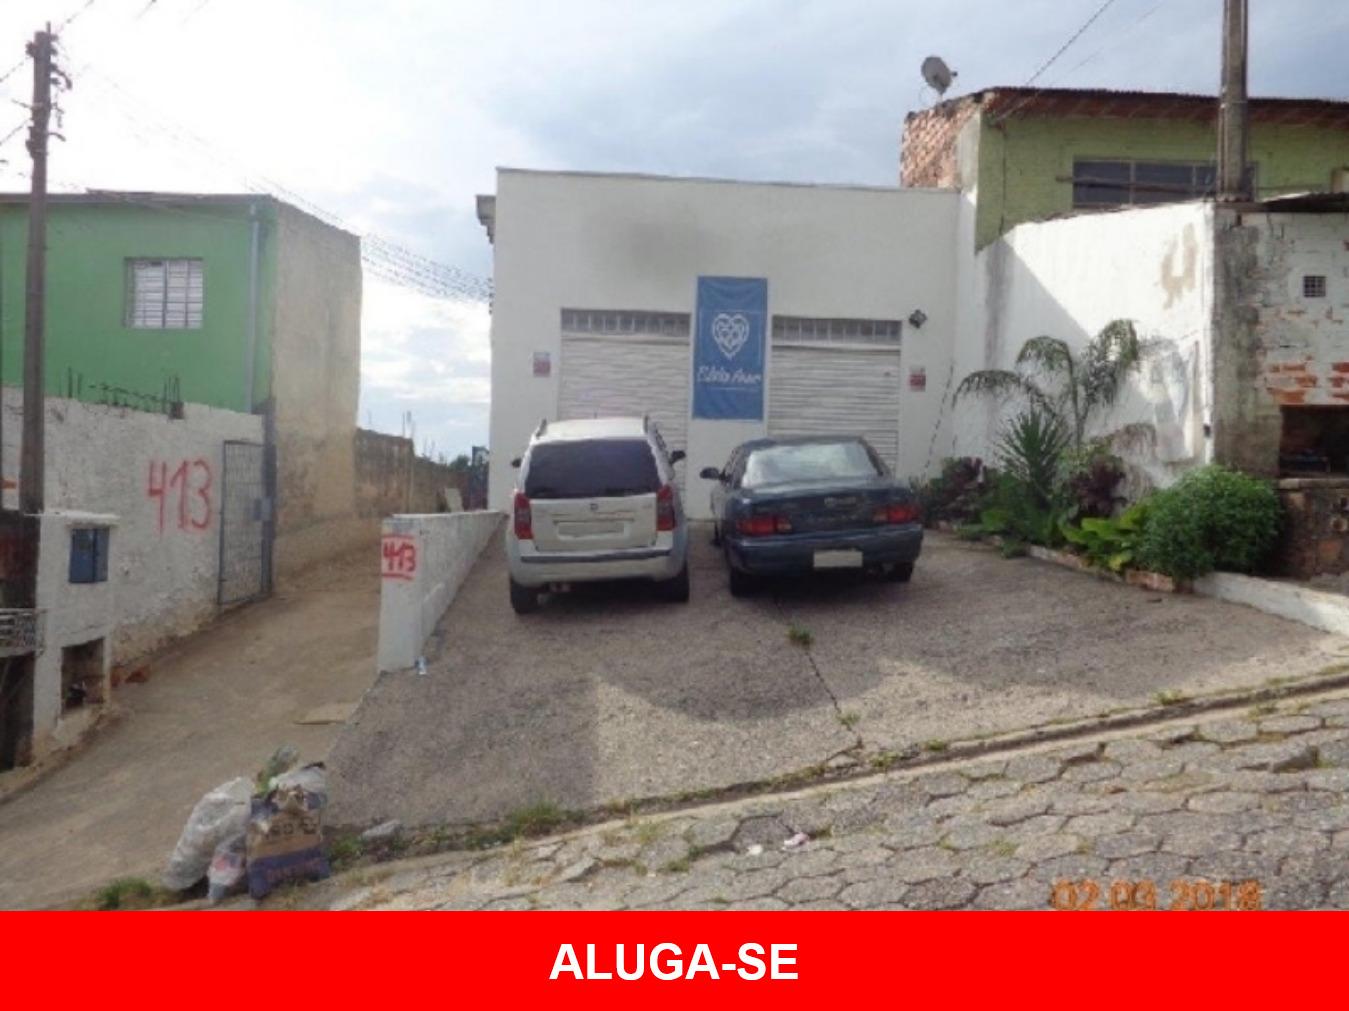 Aluga-se Salão Comercial no RETIRO SÃO JOÃO, Sorocaba -SP